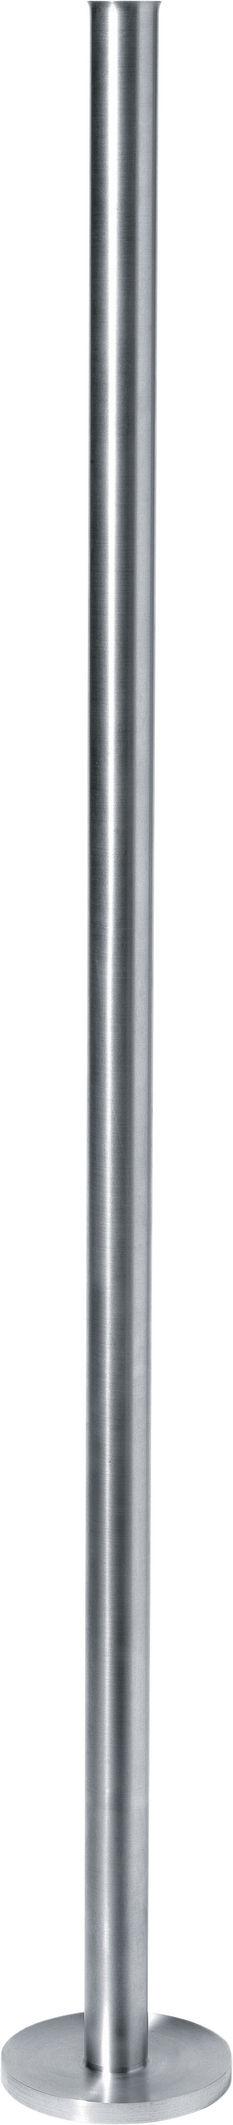 Dekoration - Kerzen, Kerzenleuchter und Windlichter - Kerzenleuchter Bodenleuchter - Alessi - Bodenleuchter - Aluminium